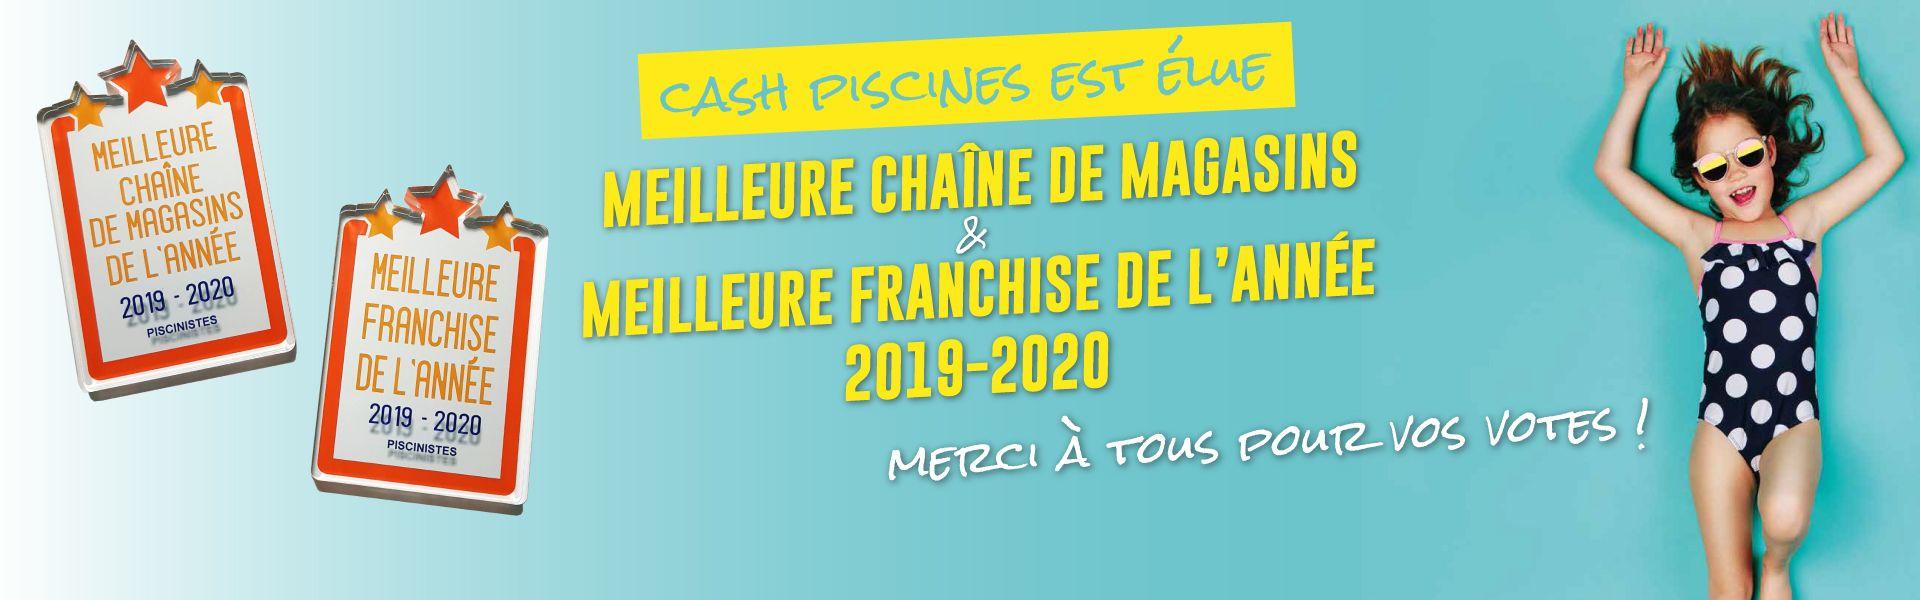 Cash Piscines - Tout Pour La Piscine & Spas Gonflables ... dedans Cash Piscine Nimes